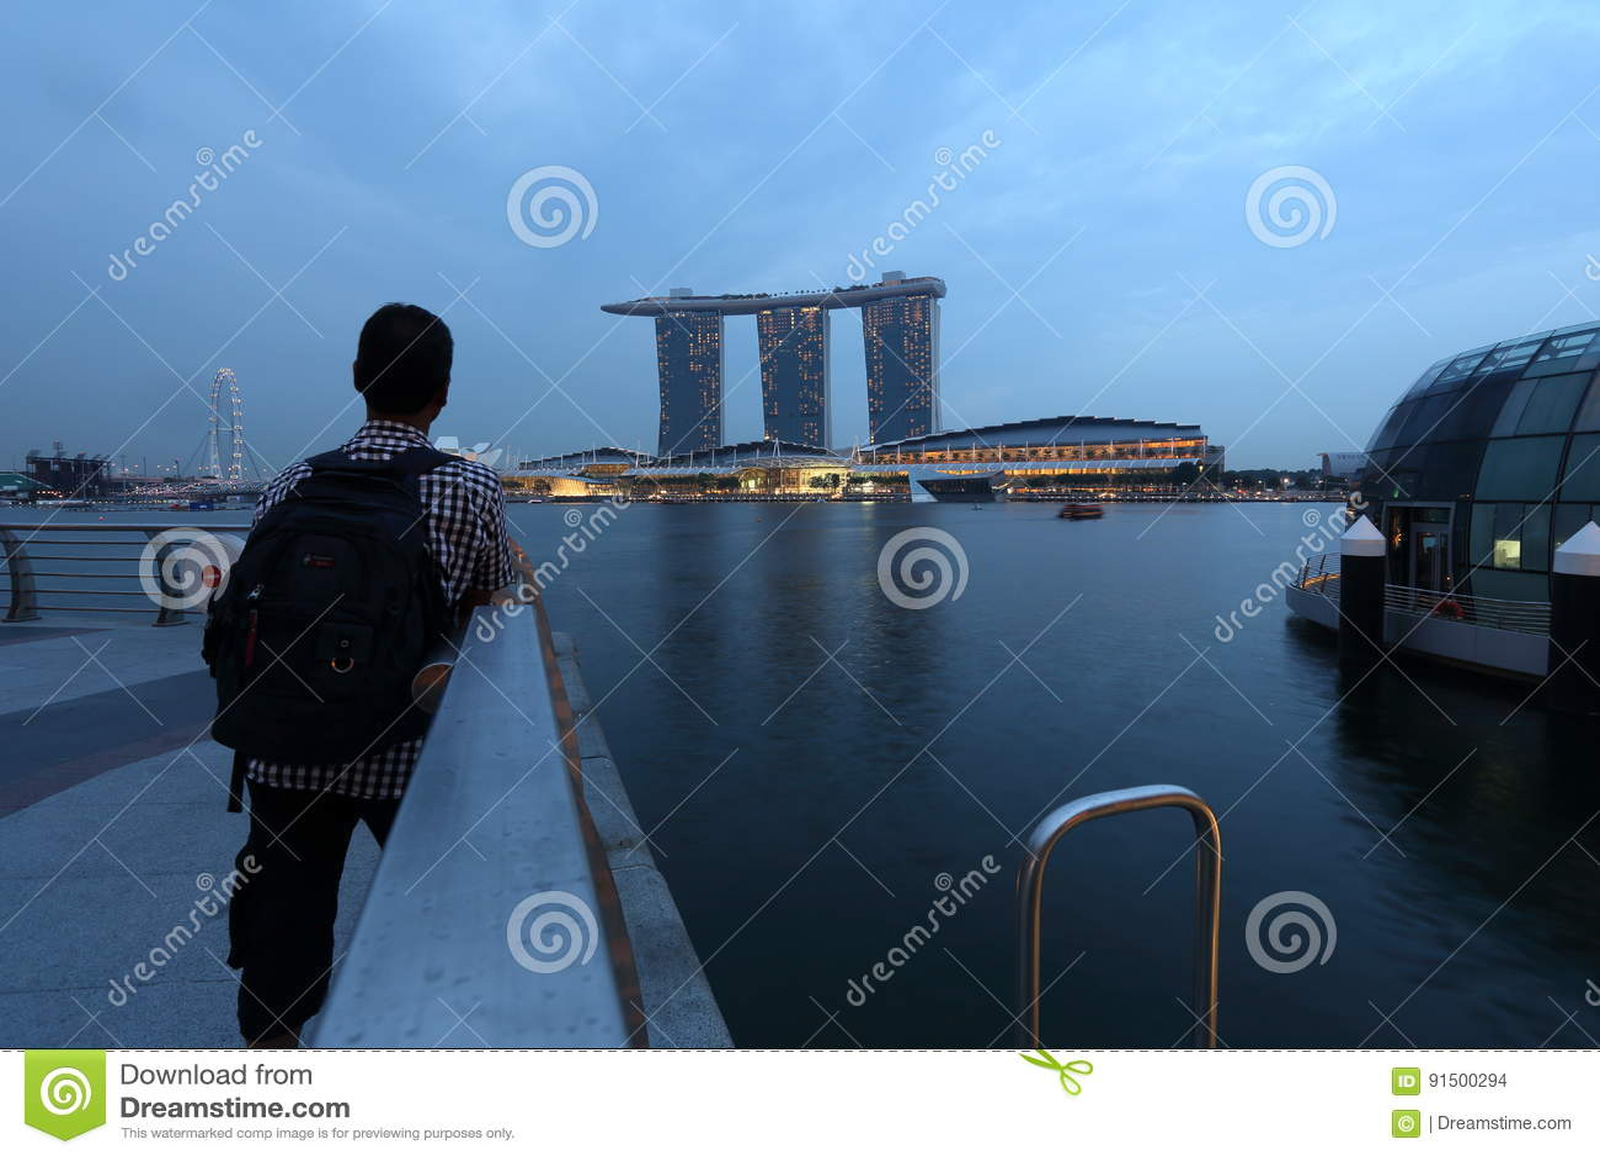 Olhe A Vista Marina Bay Sands Singapore Imagem de Stock Editorial